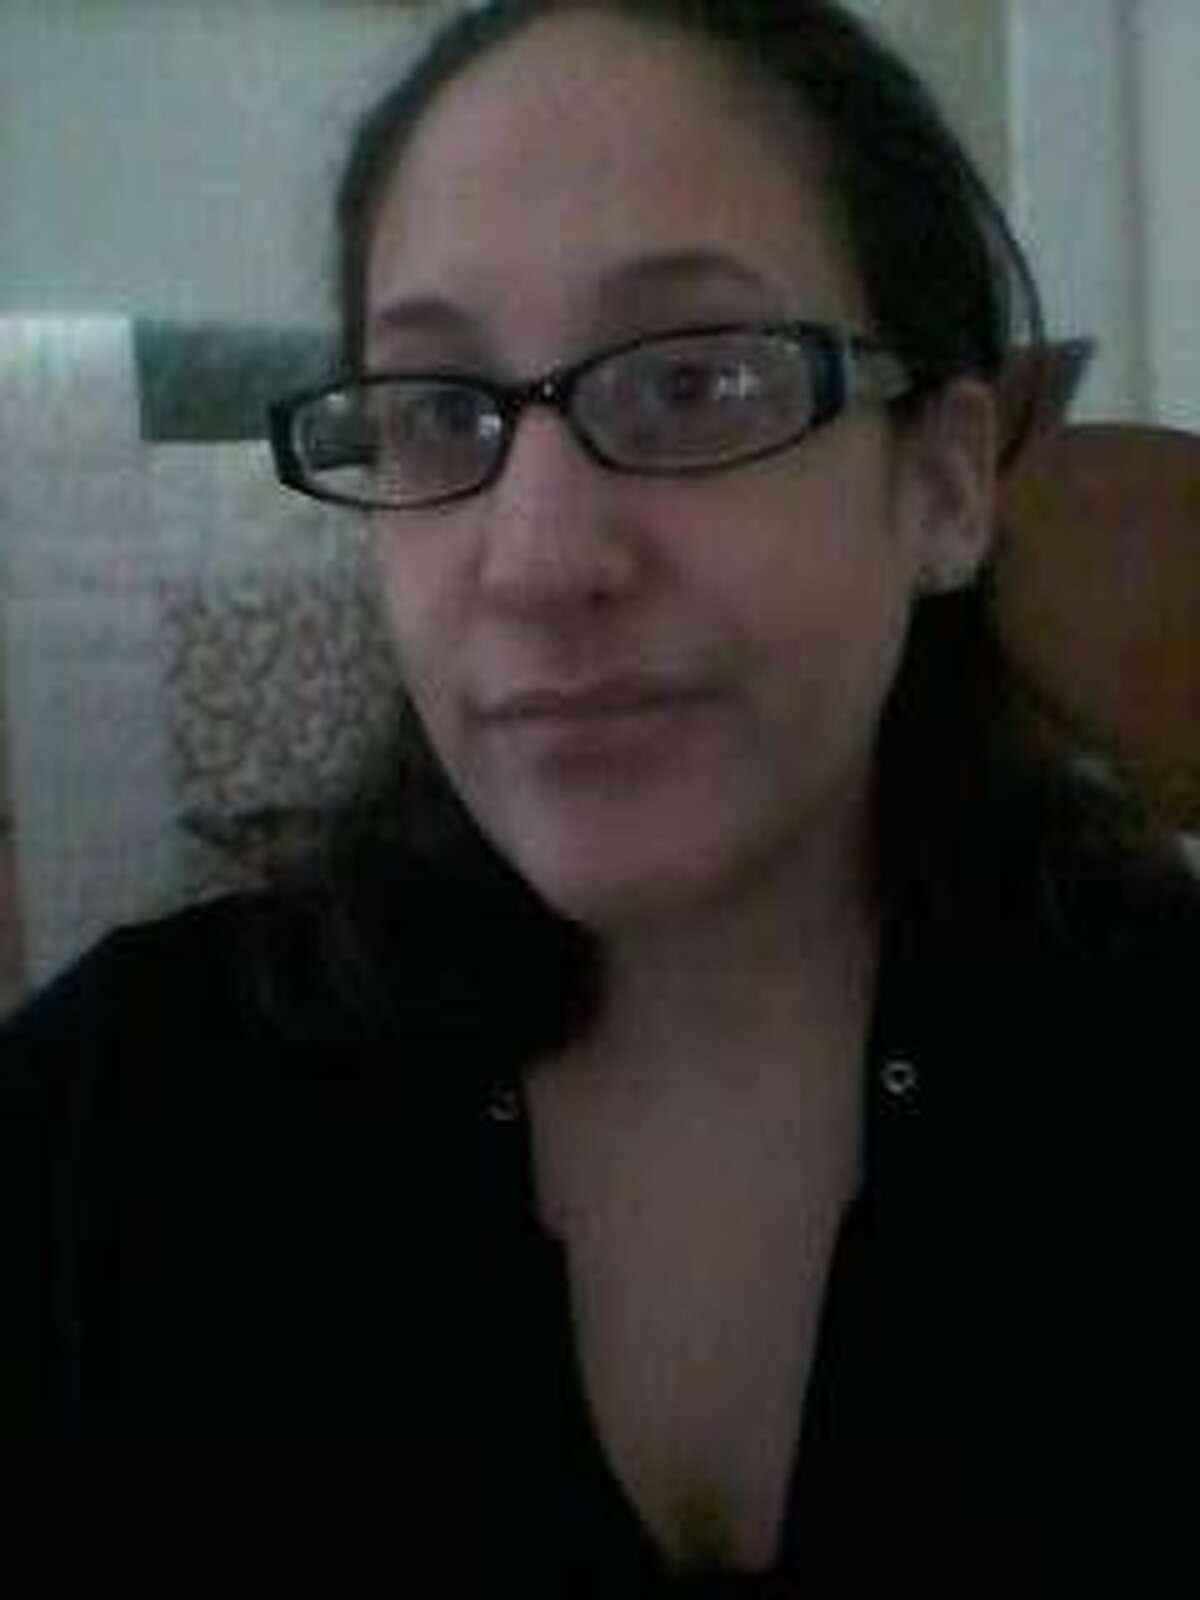 Kelsey Mazzamaro, 26, was killed in May 2018 in Burlington.